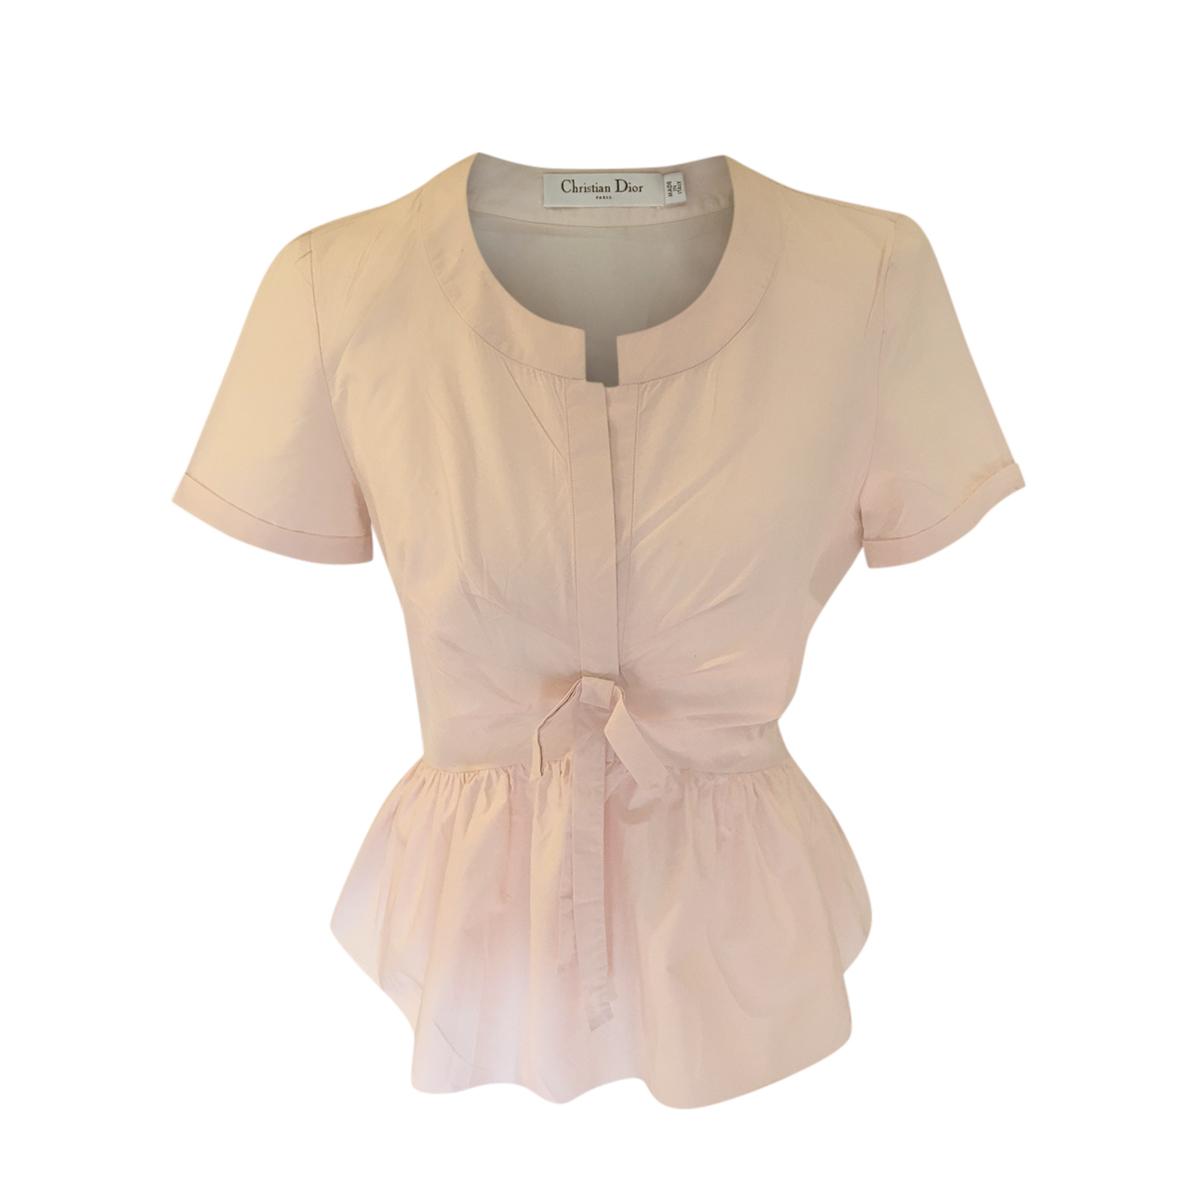 Dior Pale Pink Tie Waist Blouse